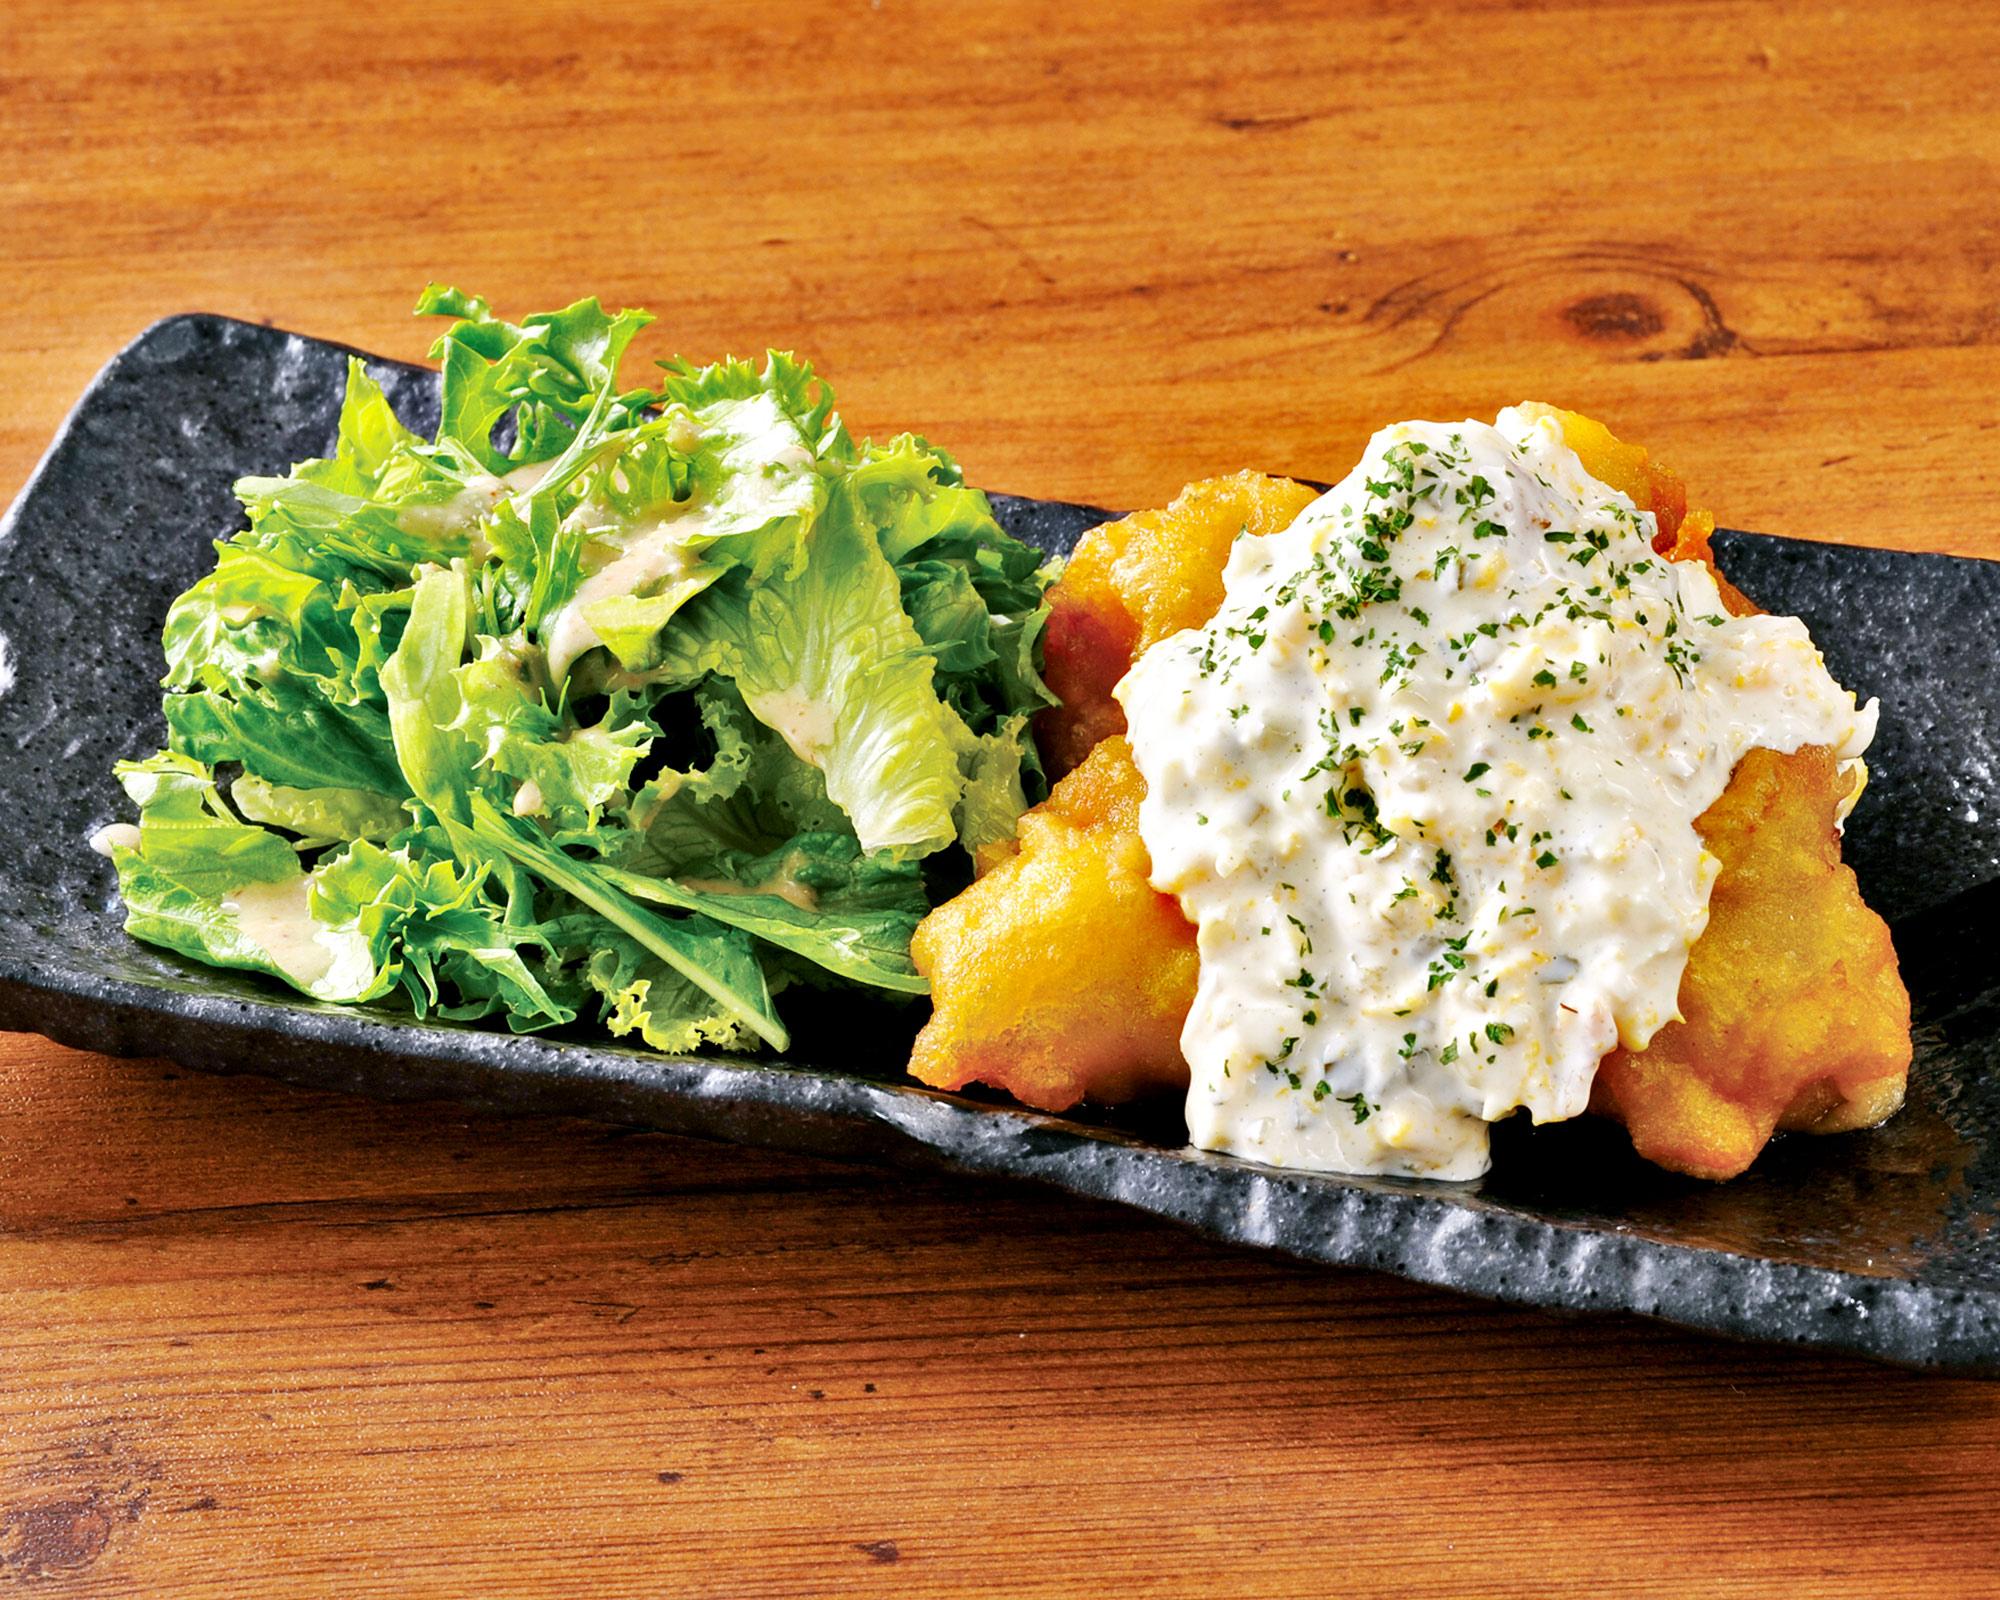 若鶏のチキン南蛮 Fried Chicken with Vinegar and Tartar Sauce